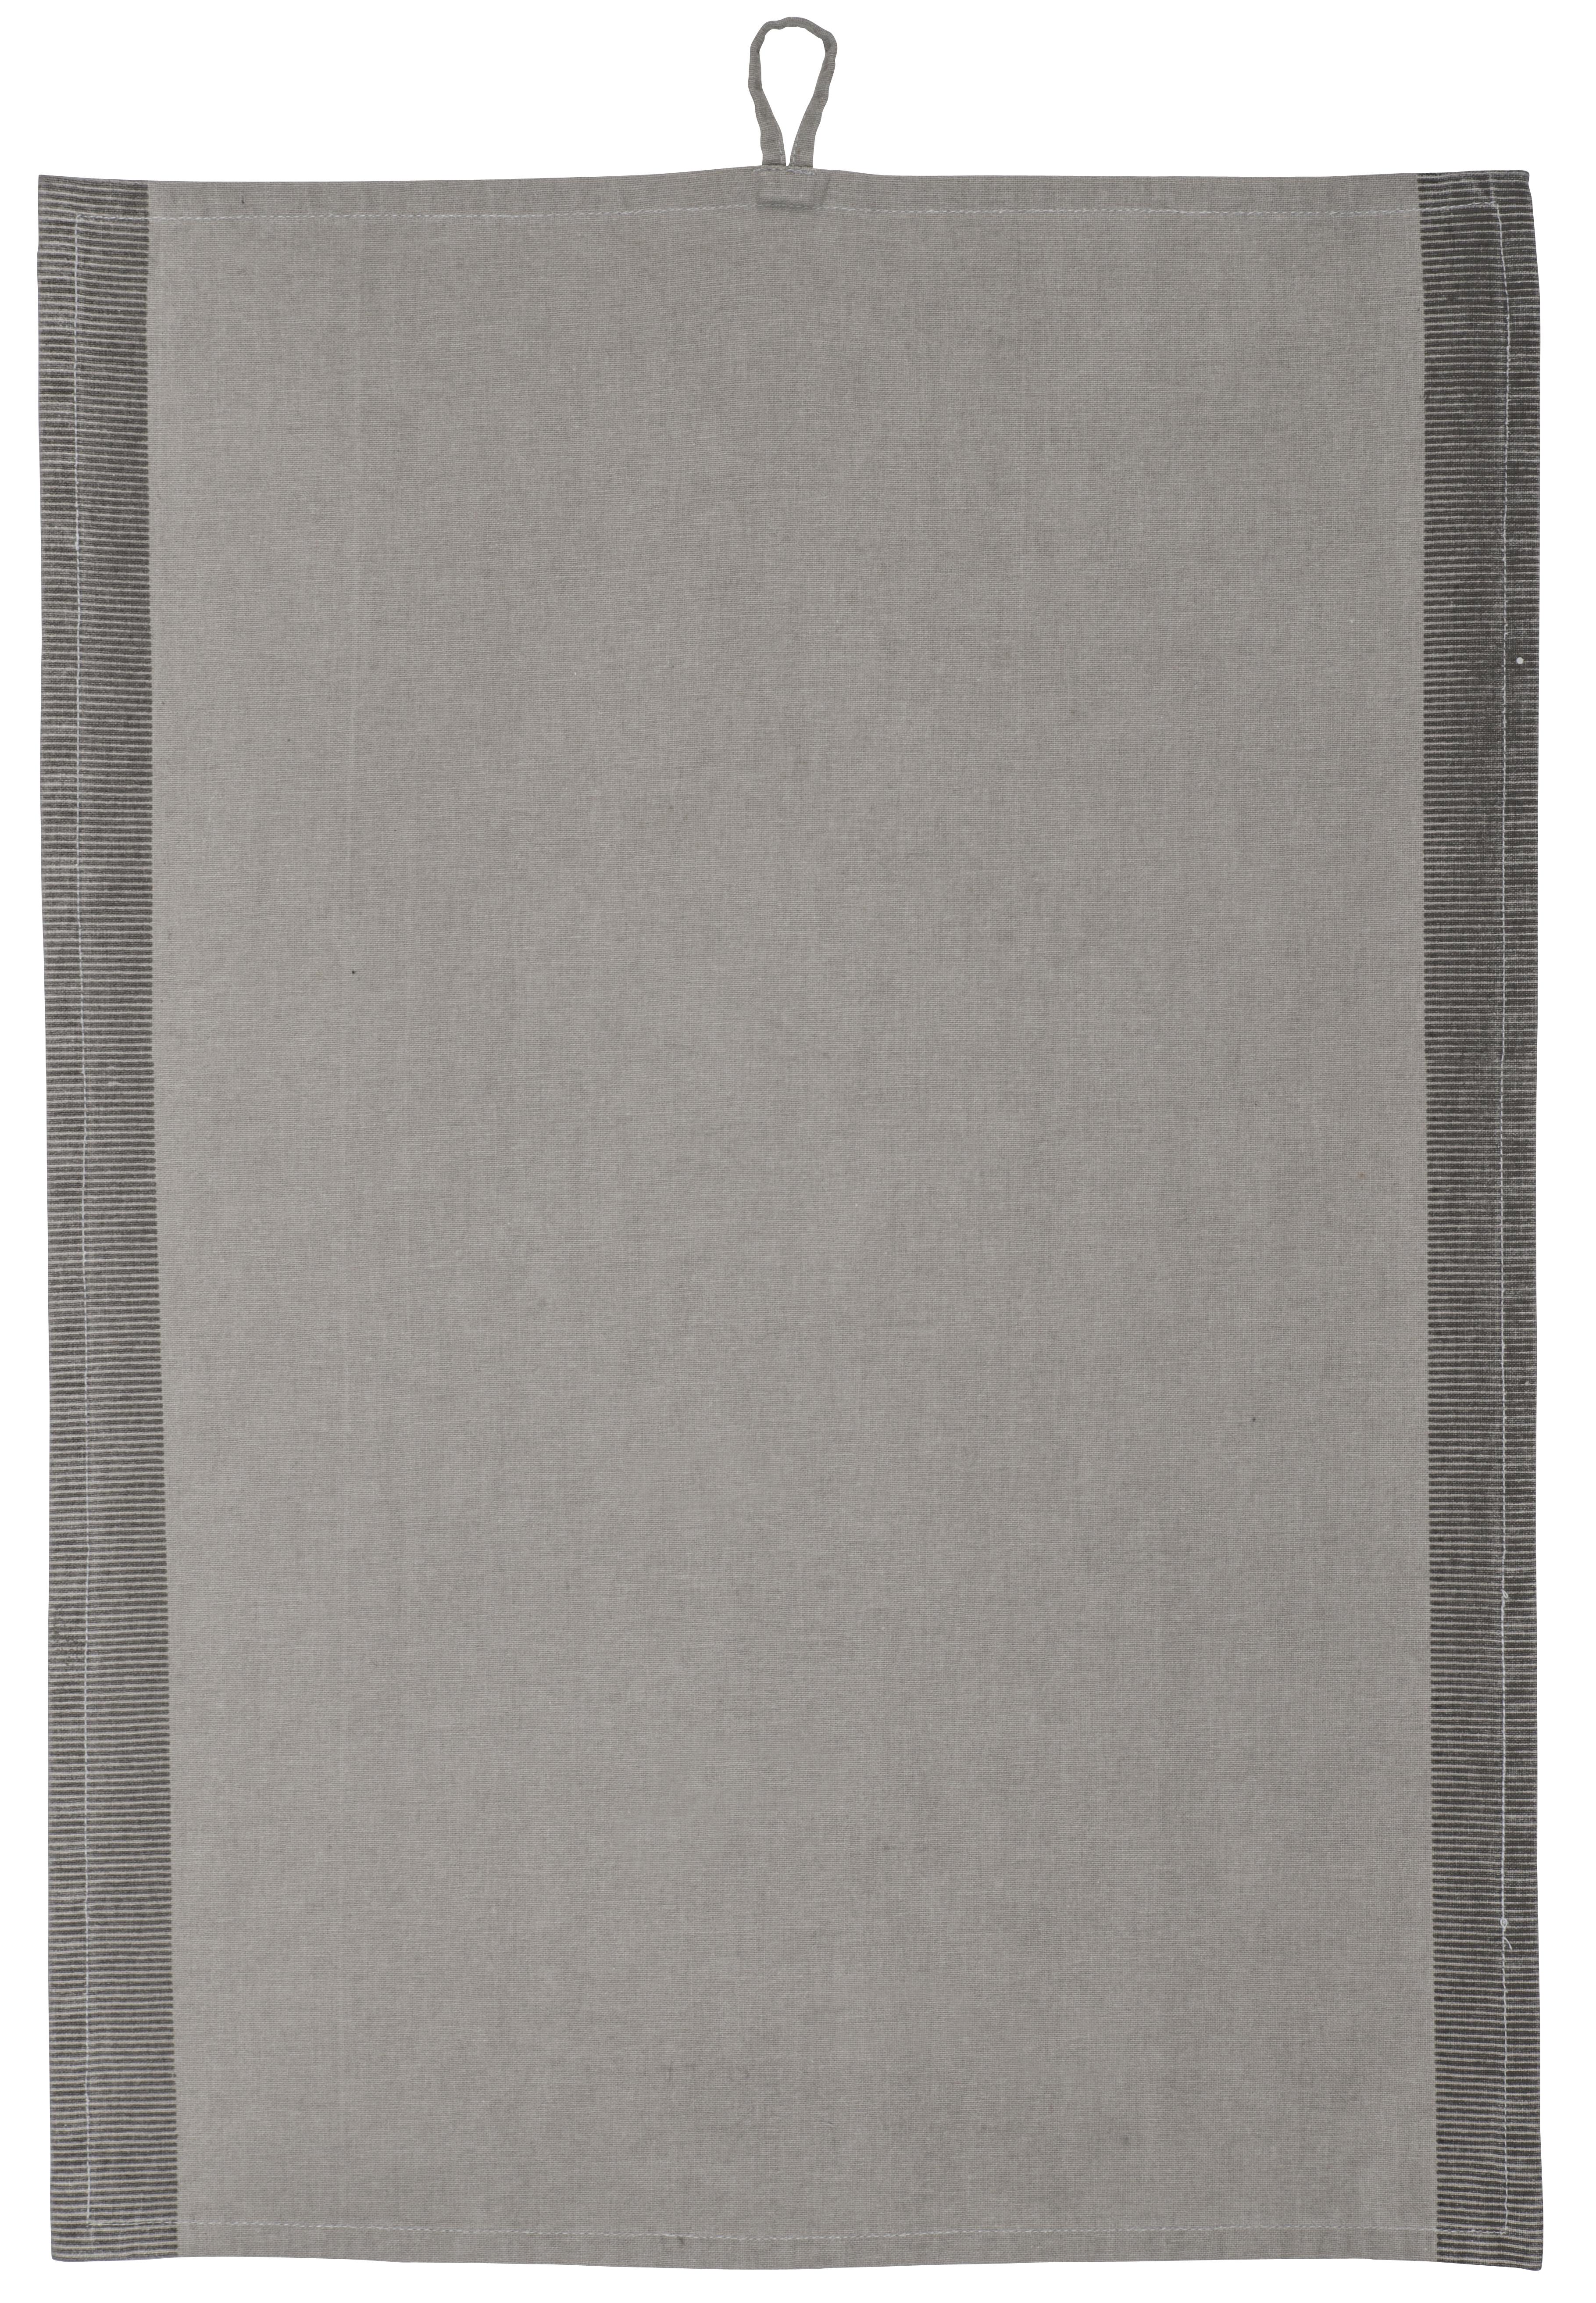 Schlichtes graues Geschirrhandtuch von IB Laursen aus 100% Baumwolle